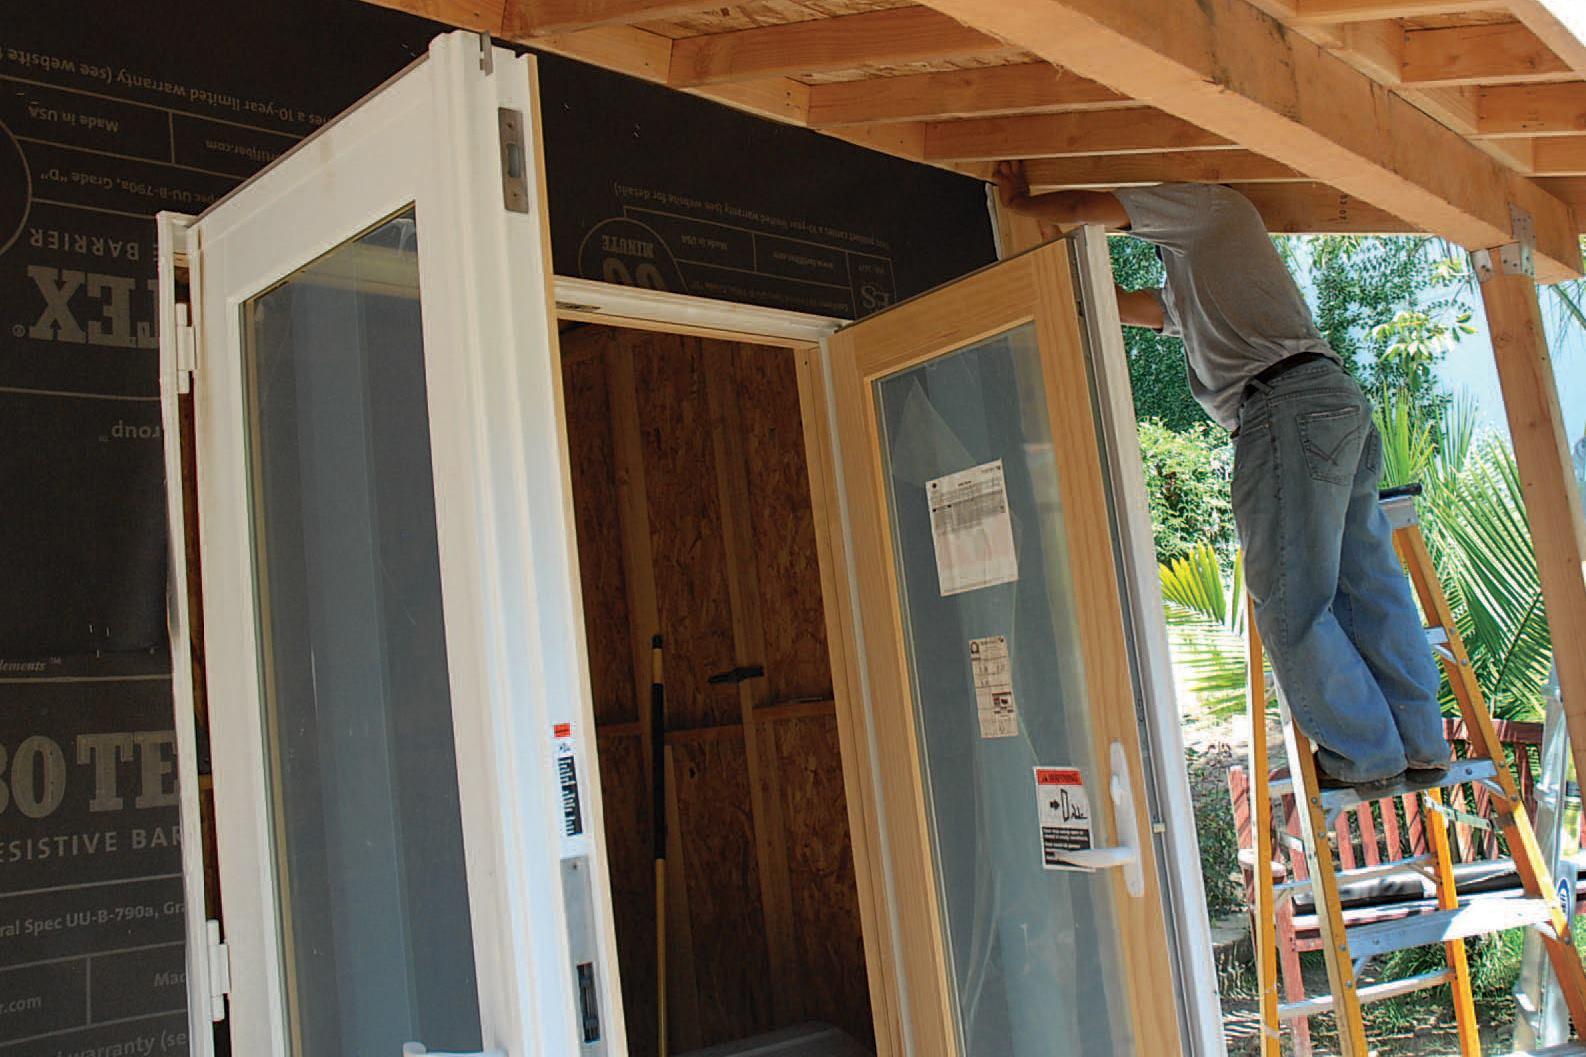 Installing french doors jlc online doors installation for Installing french doors